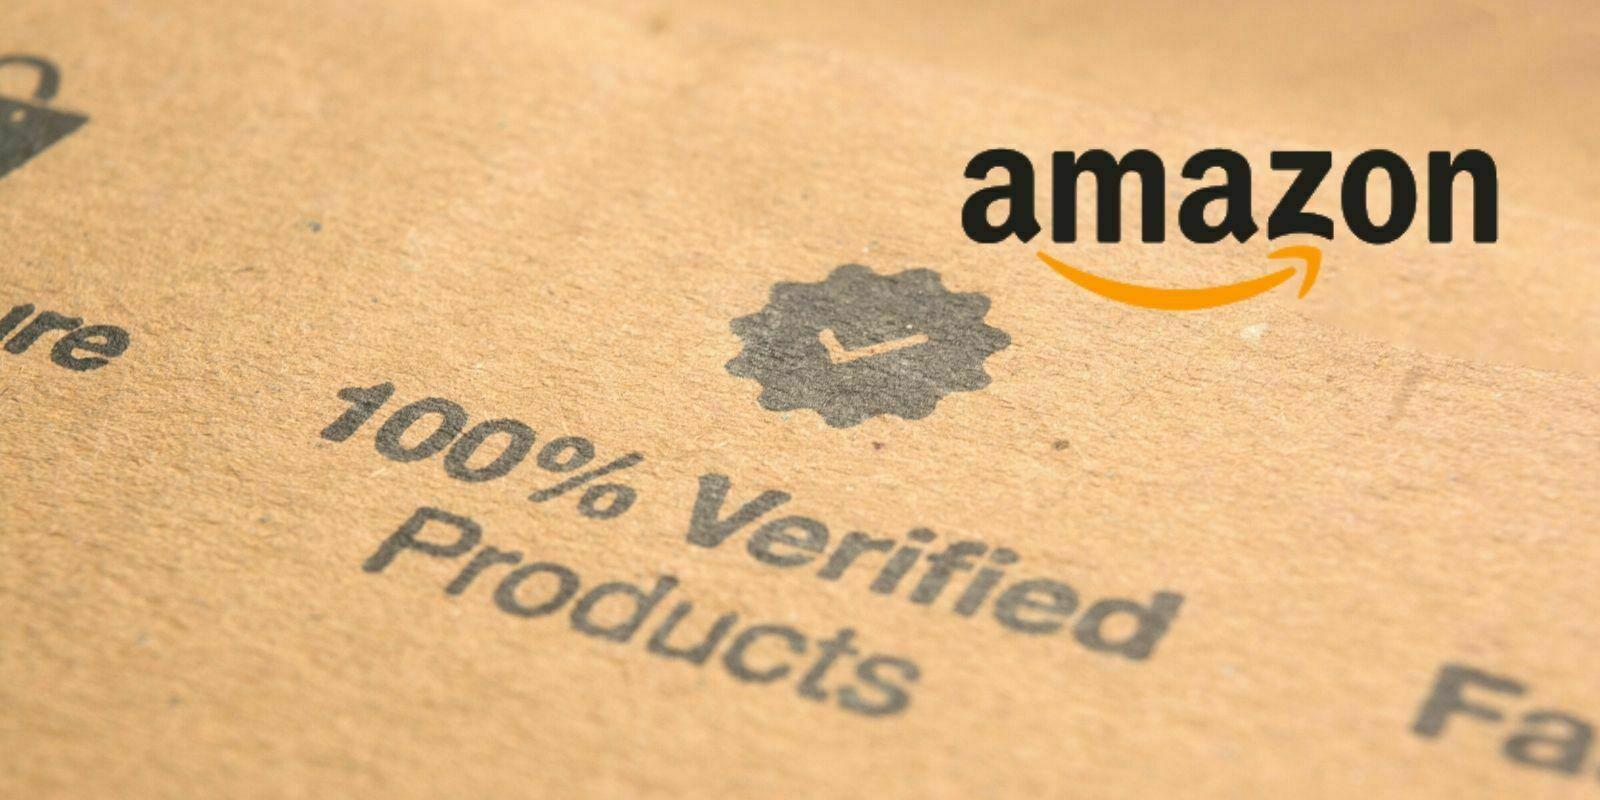 Amazon dépose un brevet pour vérifier l'authenticité des produits en utilisant la blockchain